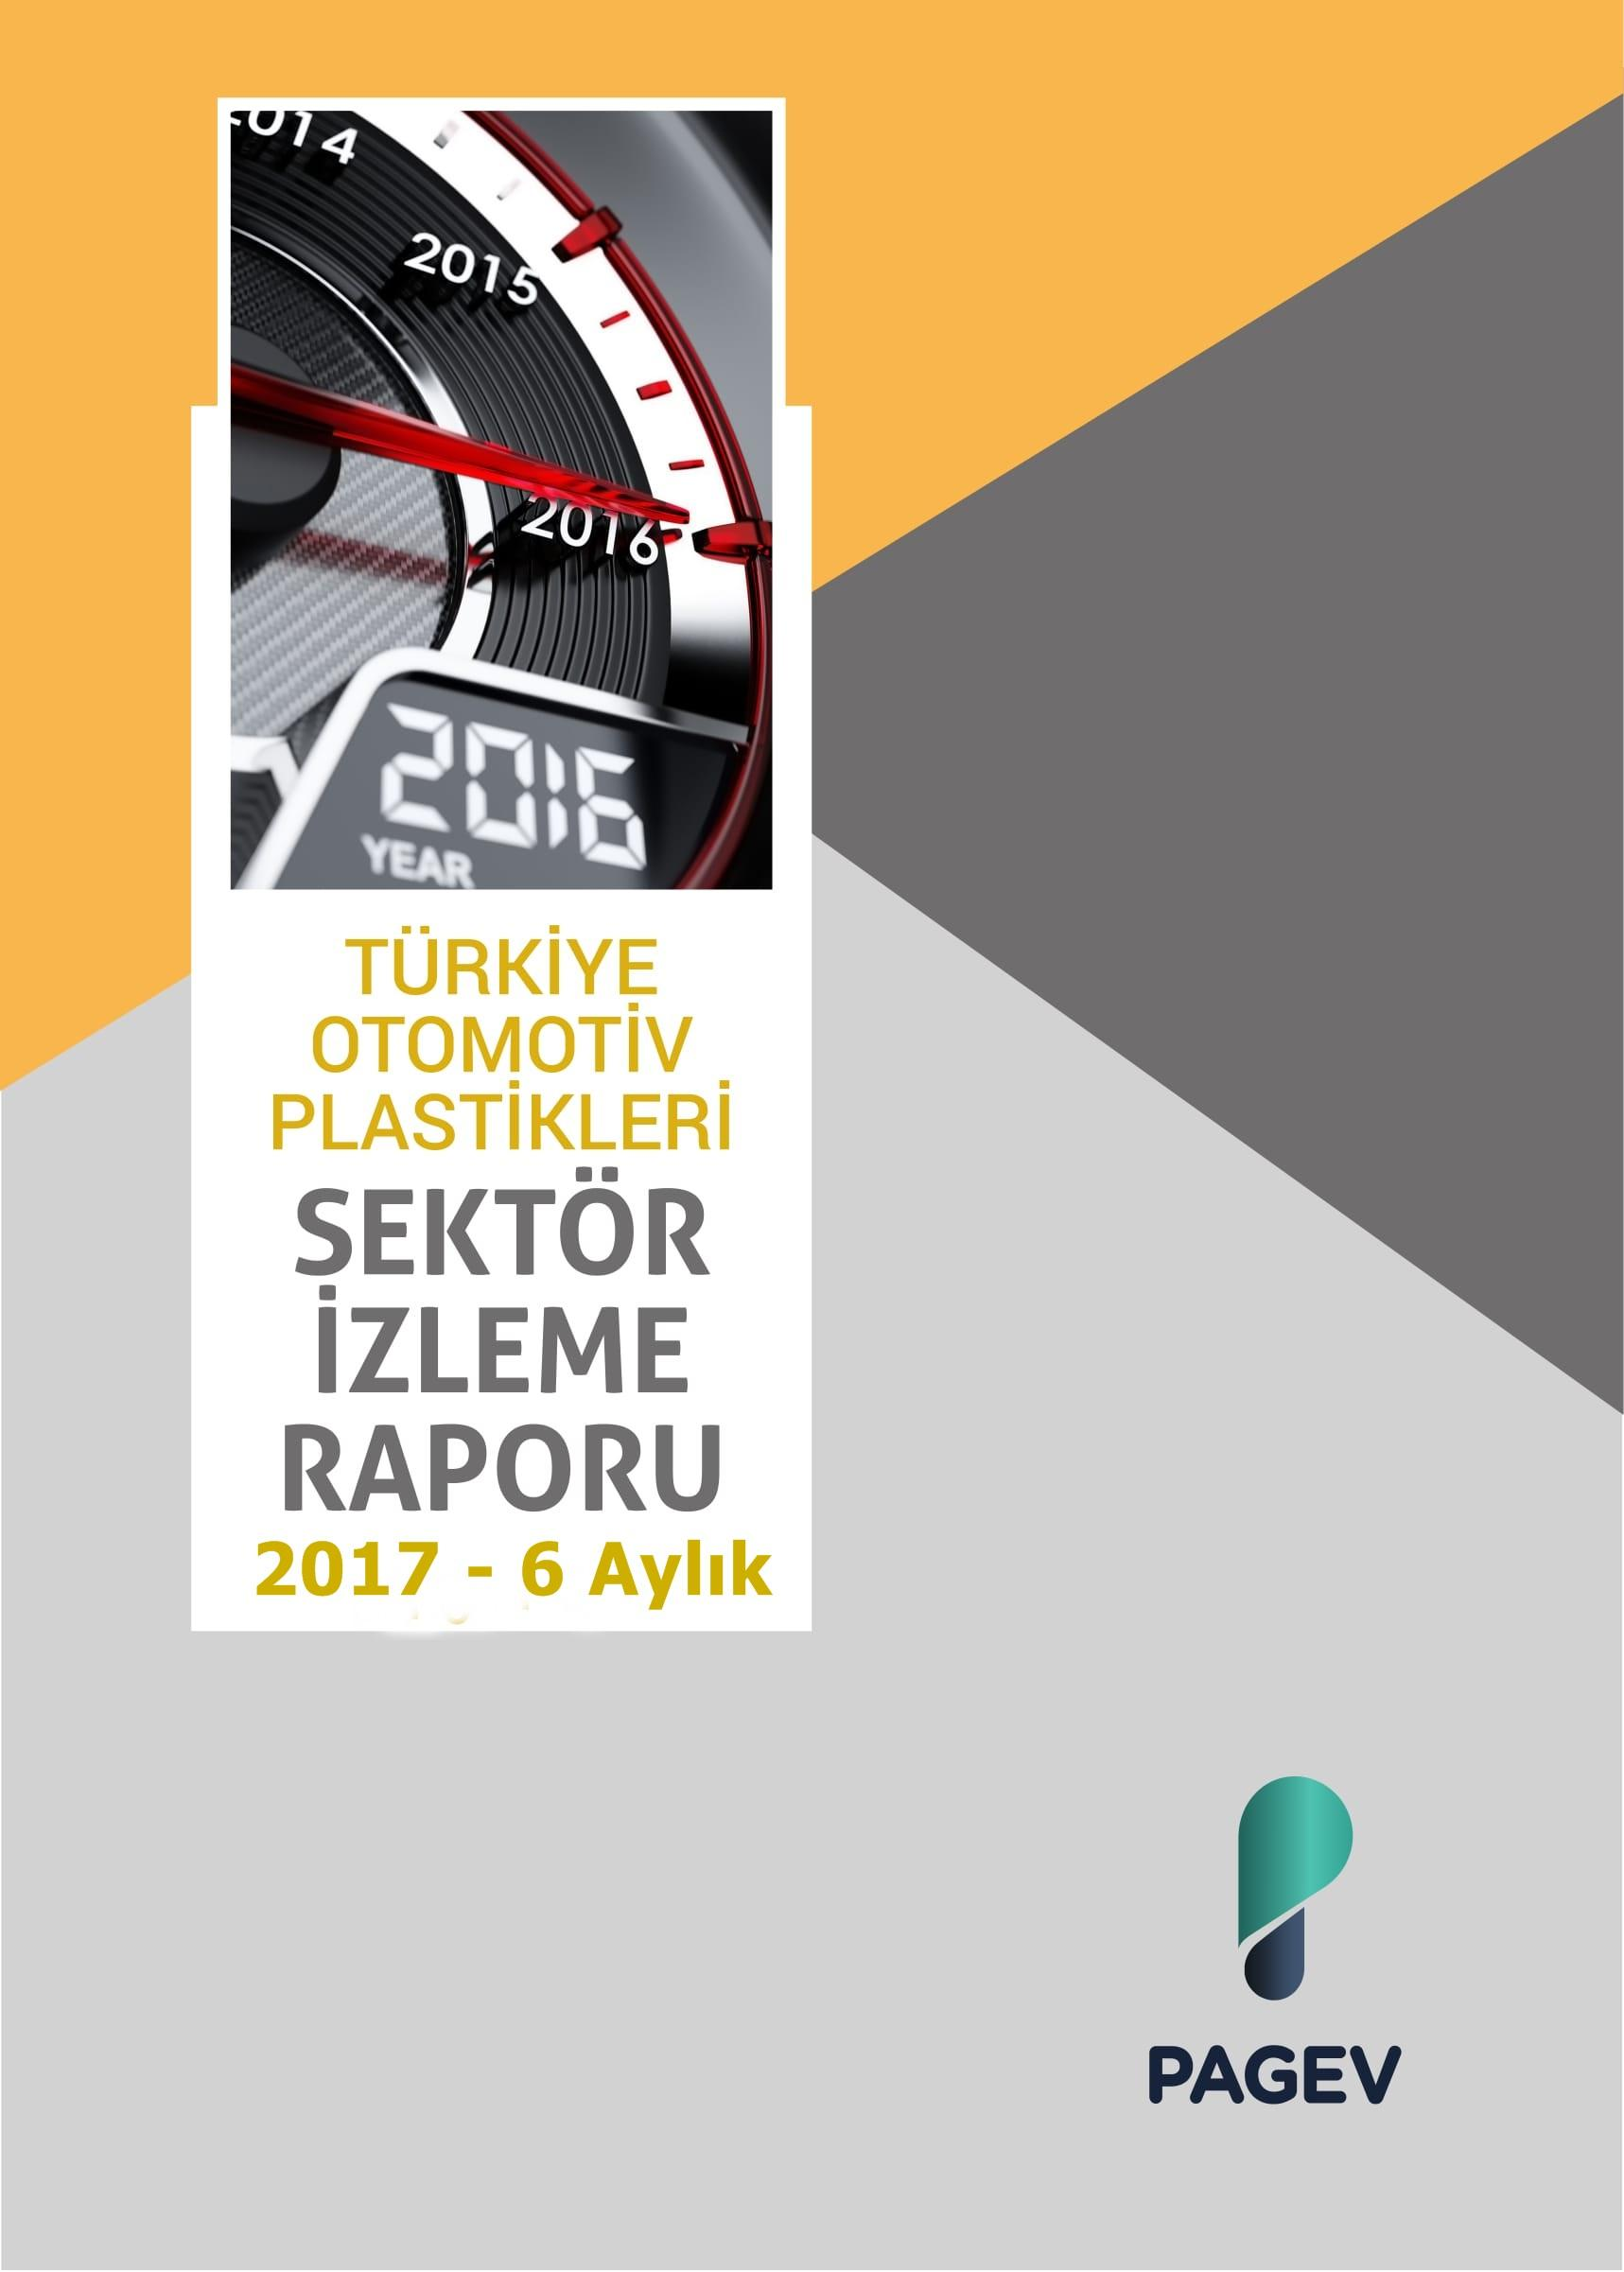 Türkiye Otomotiv Plastikleri Sektör İzleme Raporu 2017/6 Aylık